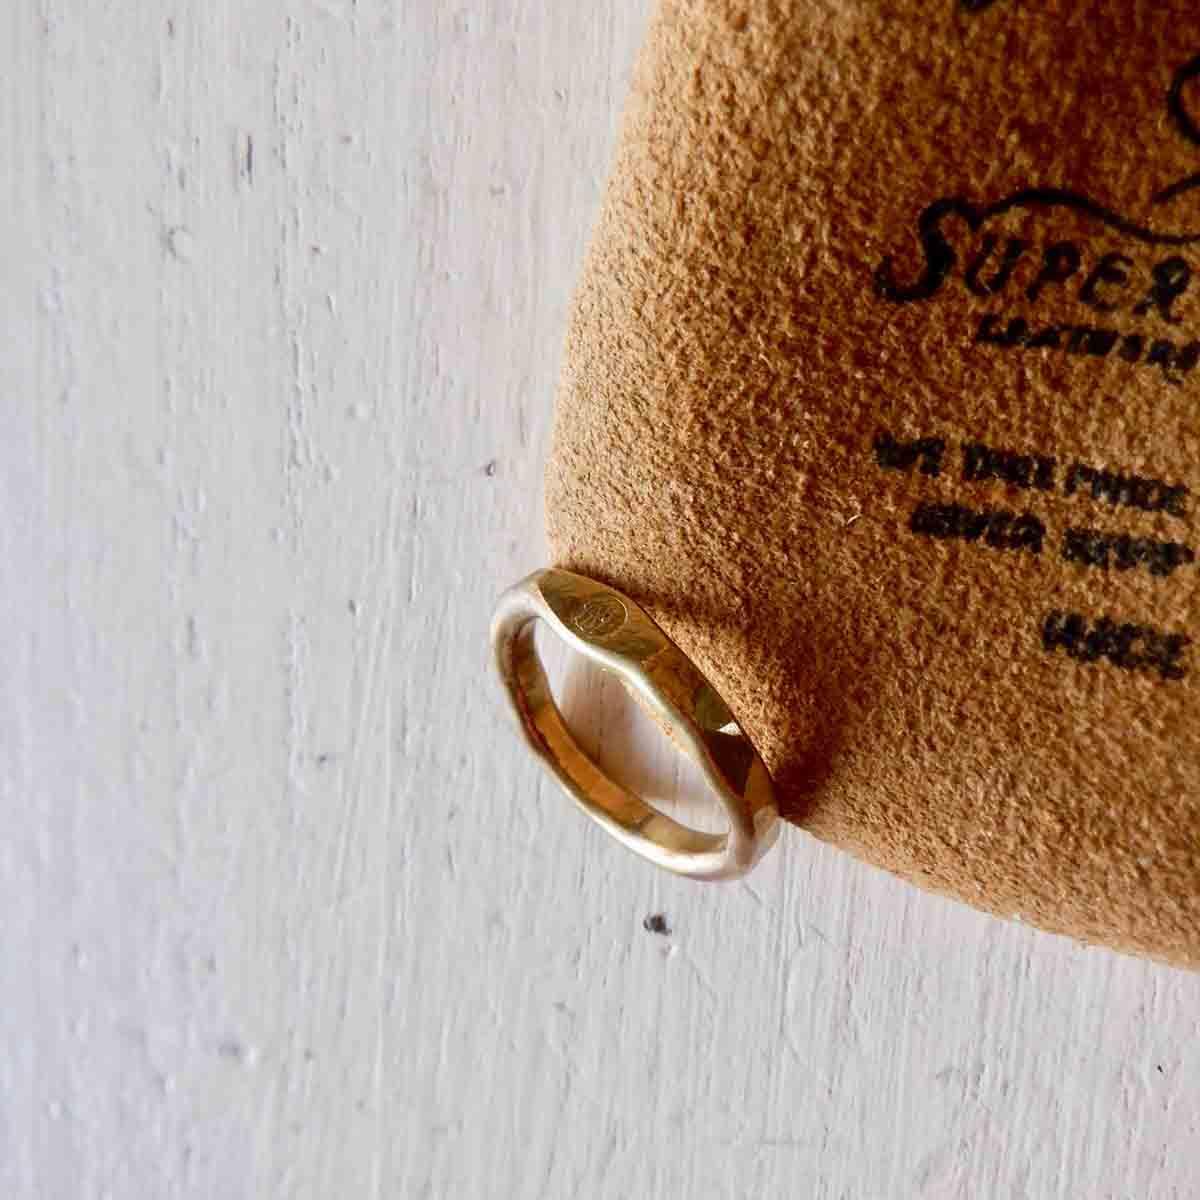 再入荷 新品■送料無料■ The Superior Labor シュペリオールレイバー brass 低価格 fine ring